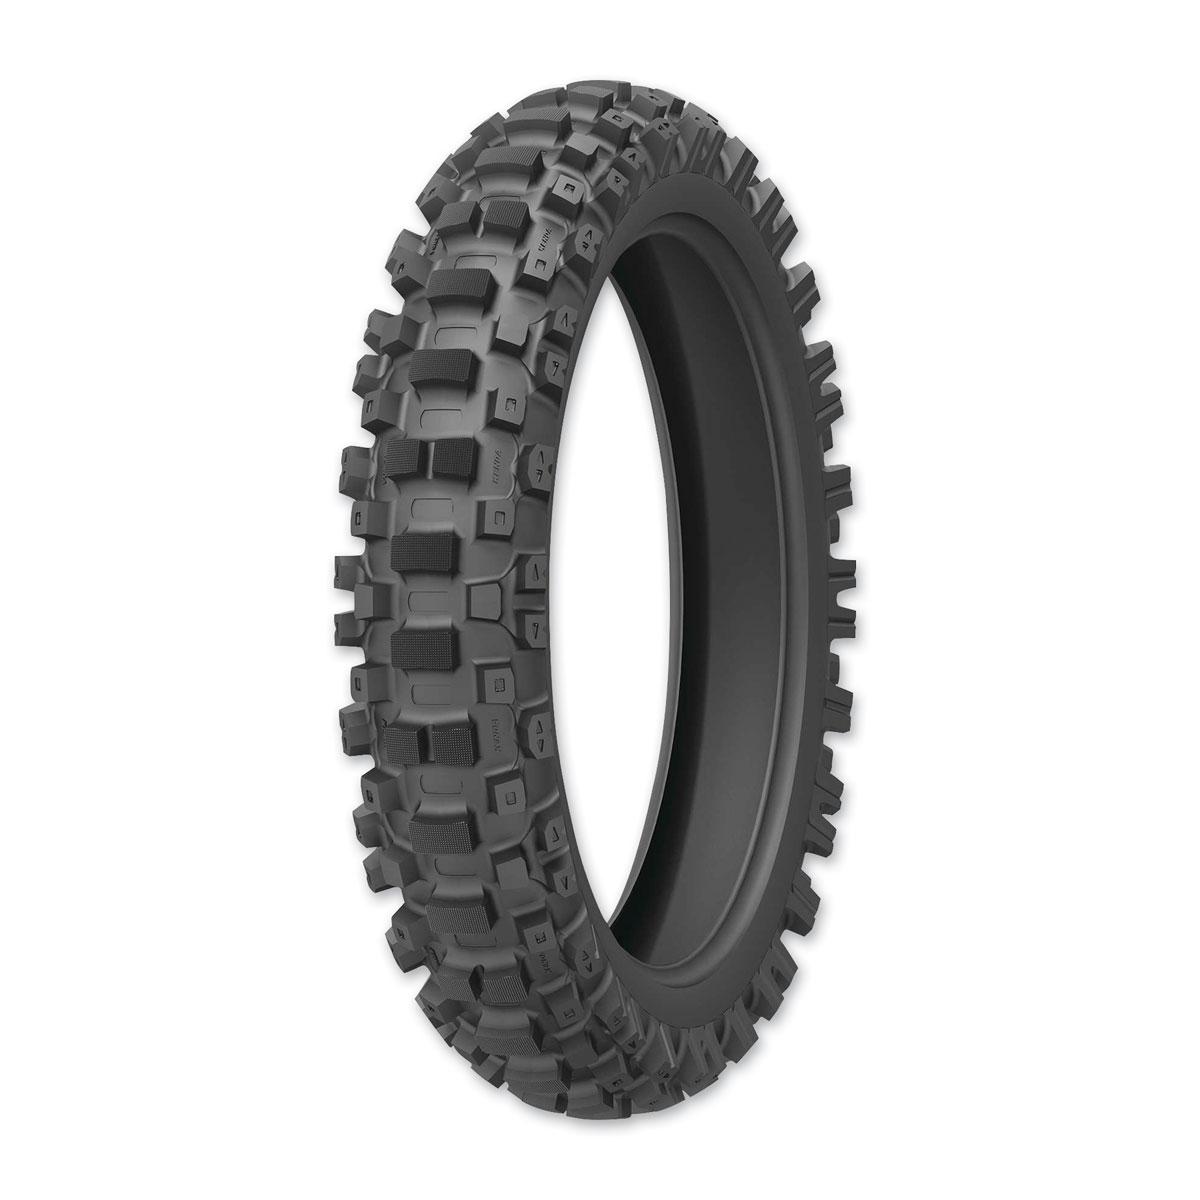 Kenda Tires Washougal II 80/100-12 Rear Tire